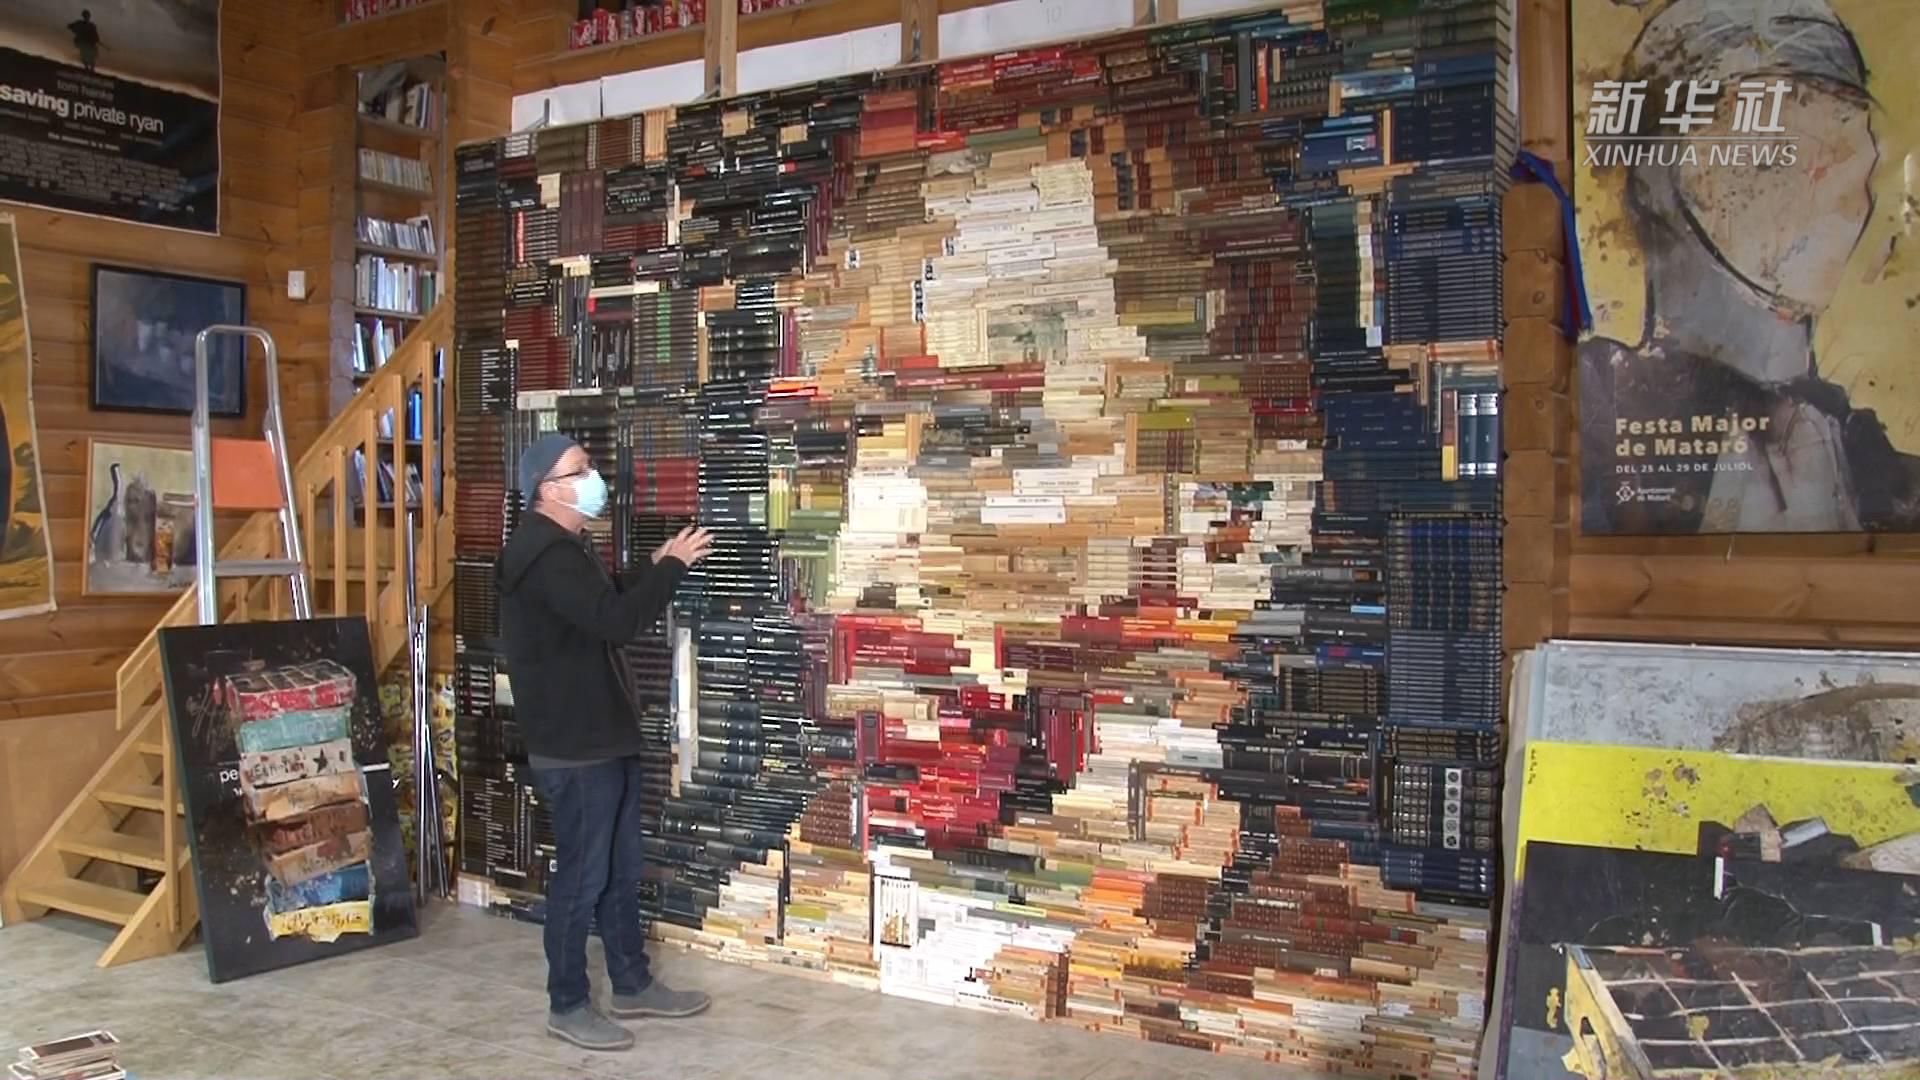 西班牙艺术家用书籍拼接创作梵高肖像